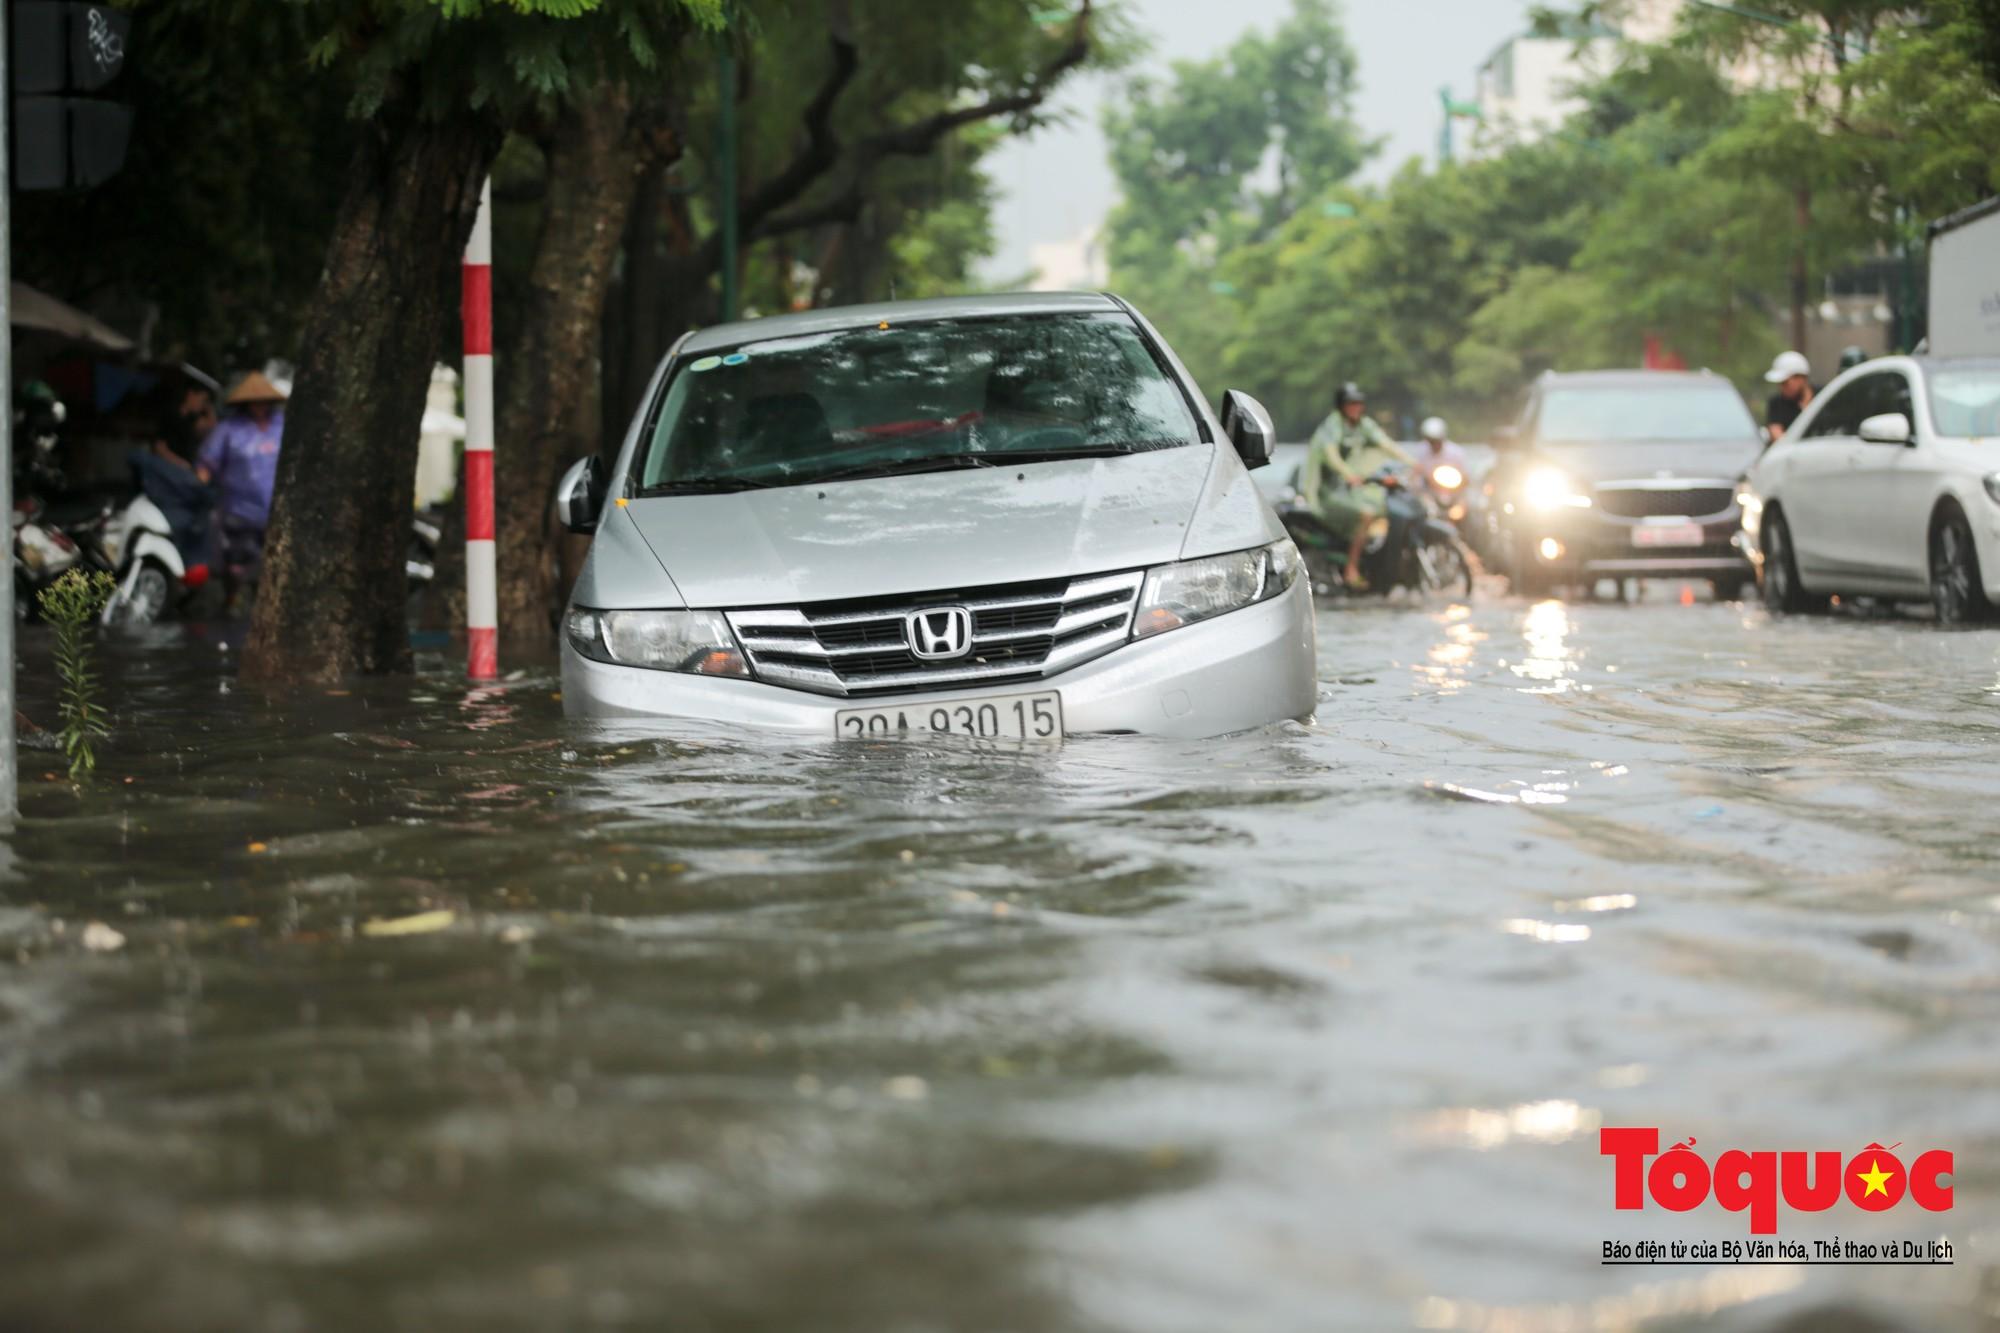 Hà Nội mưa lớn bất ngờ, nhiều tuyến đường lại ngập trong sâu biển nước7